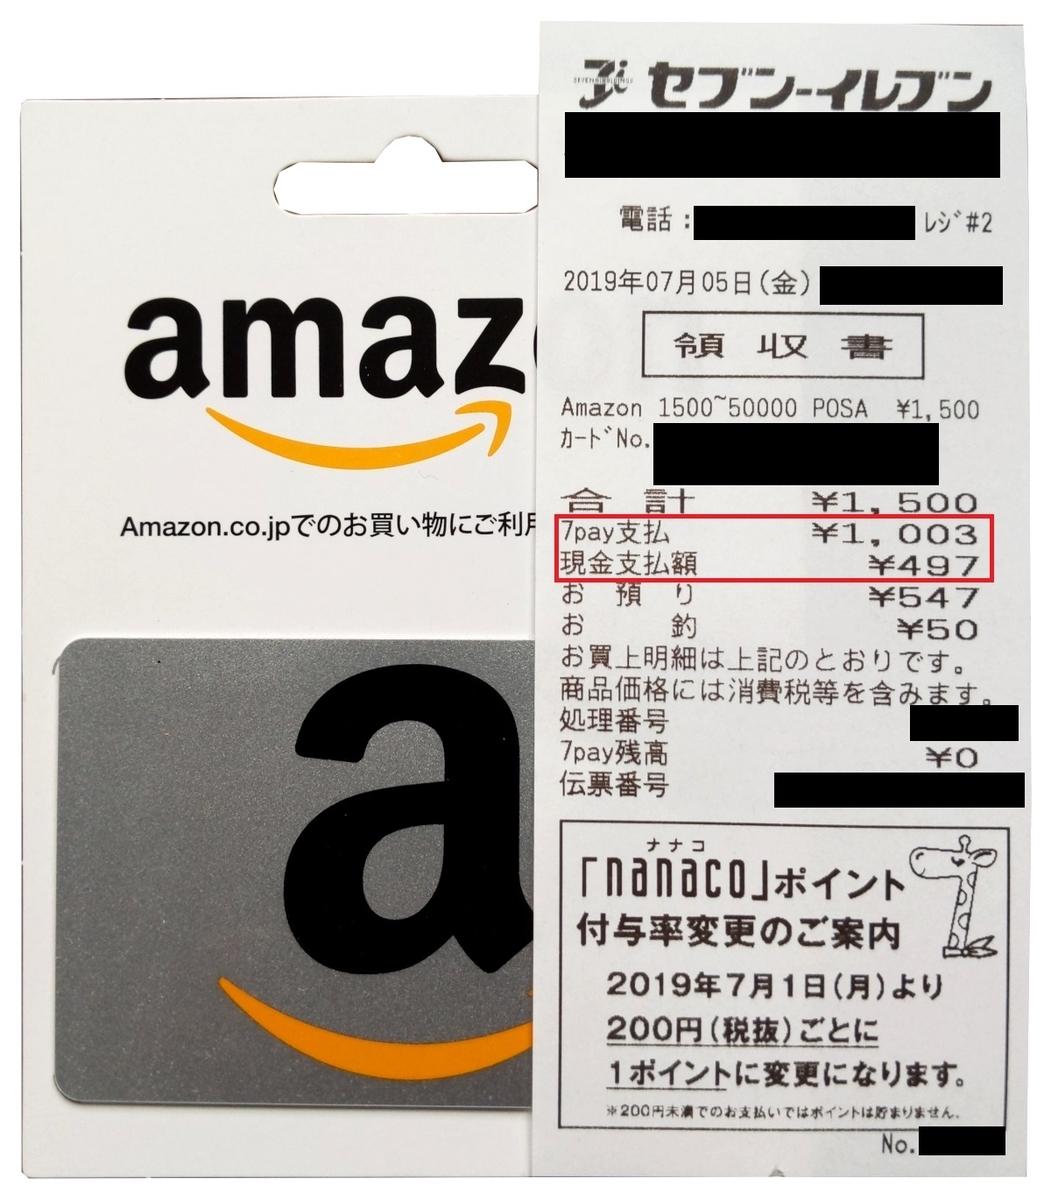 7pay、Amazonギフト券、POSA、現金